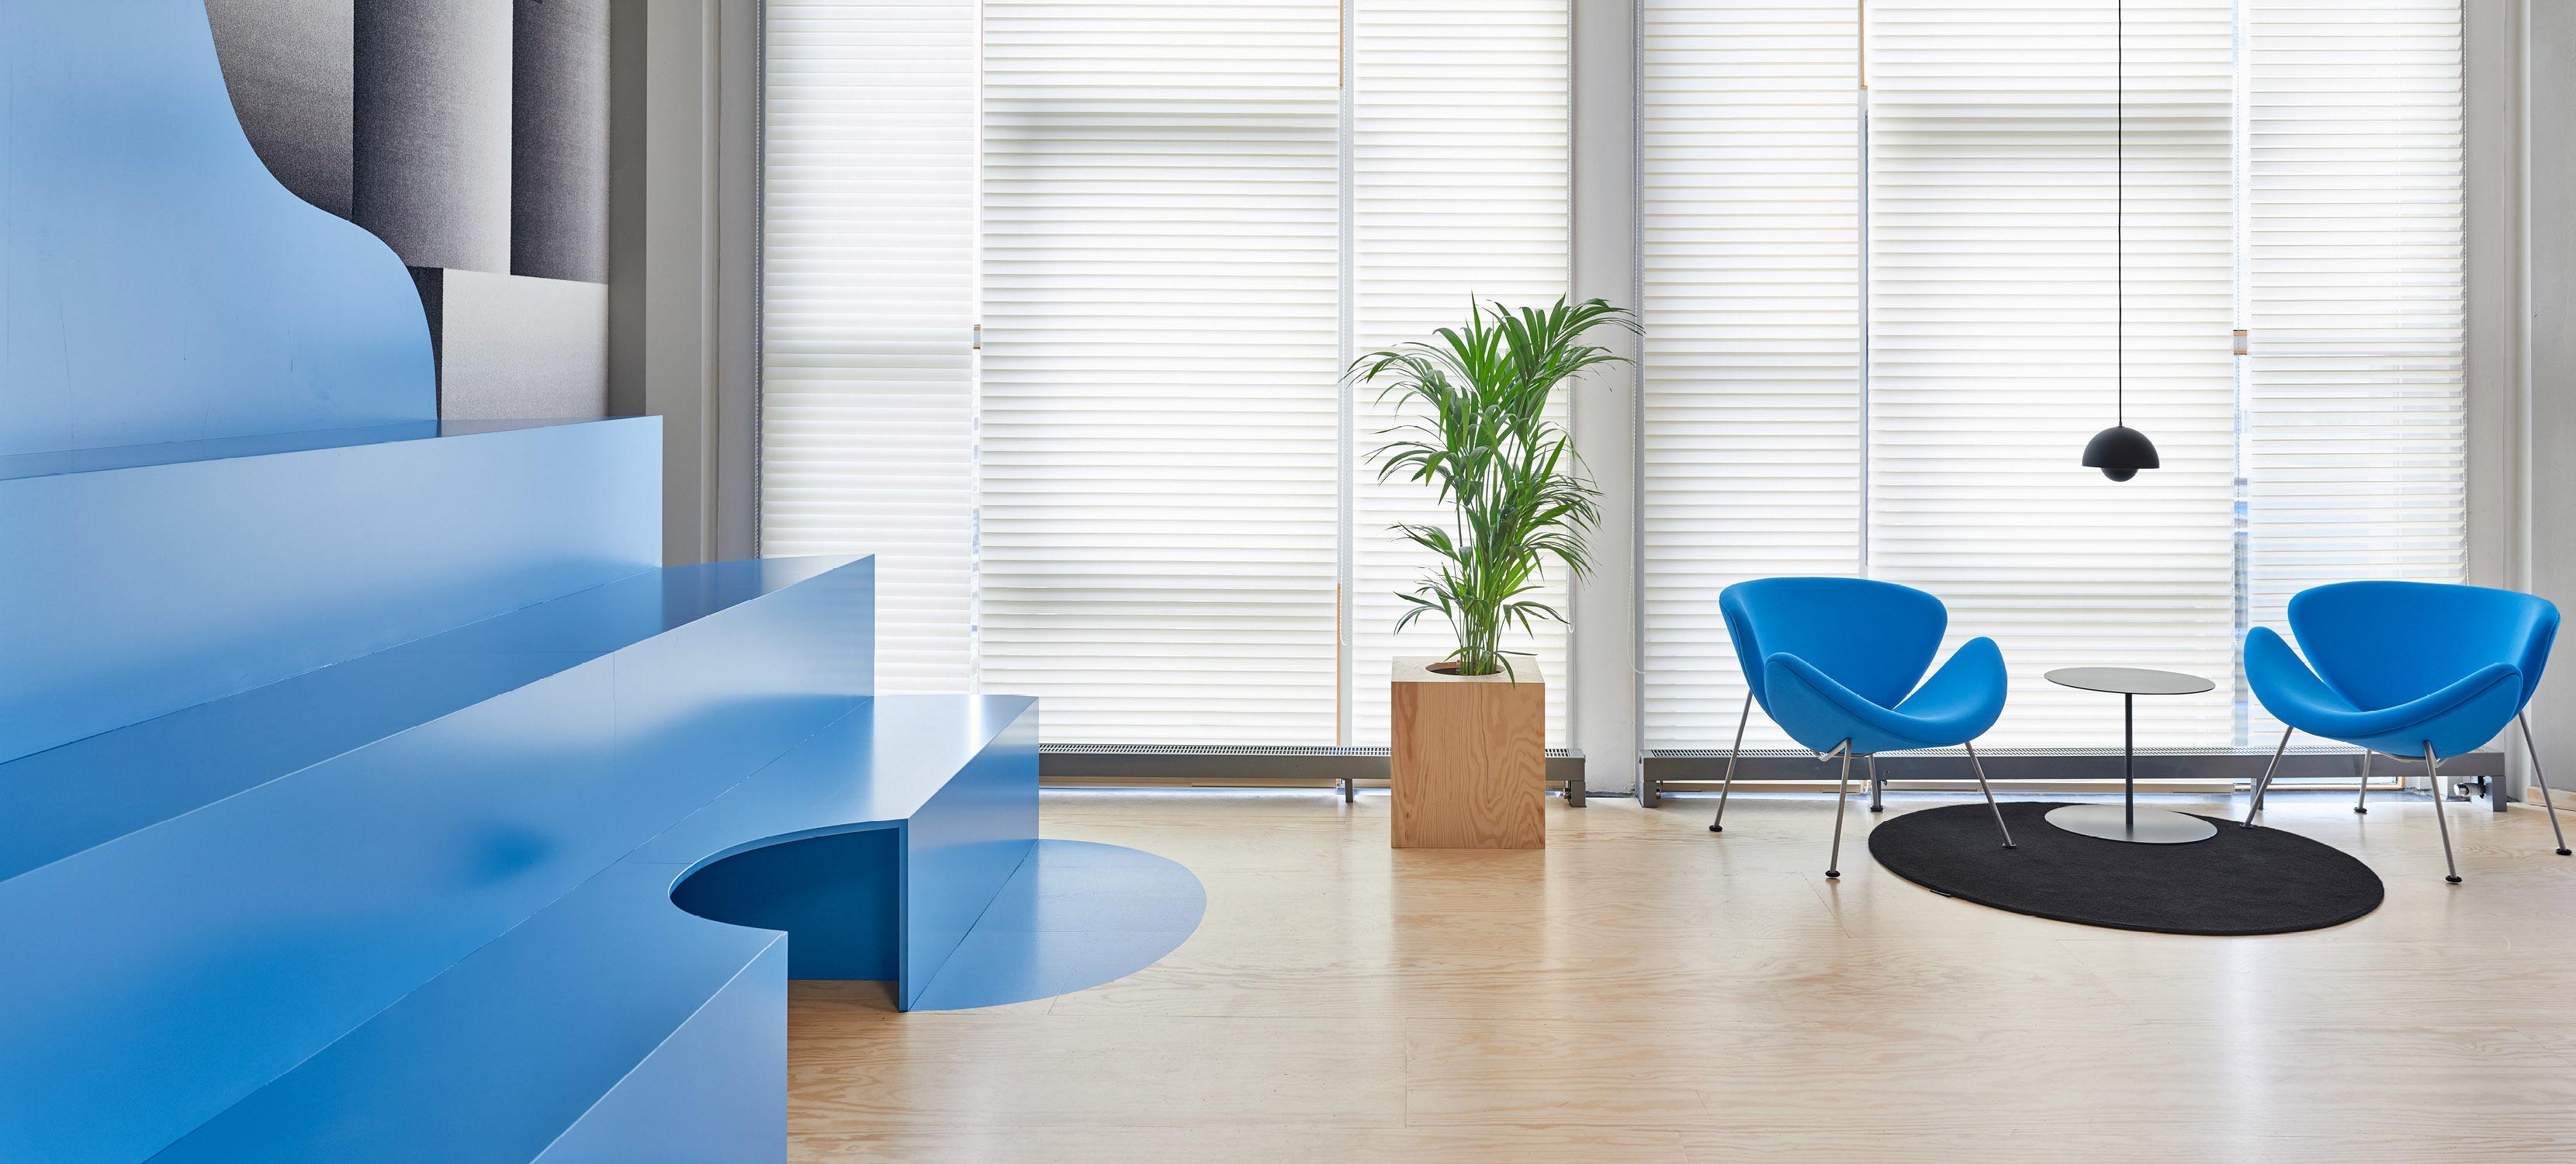 Colourful Office Interior Design – Fubiz Media